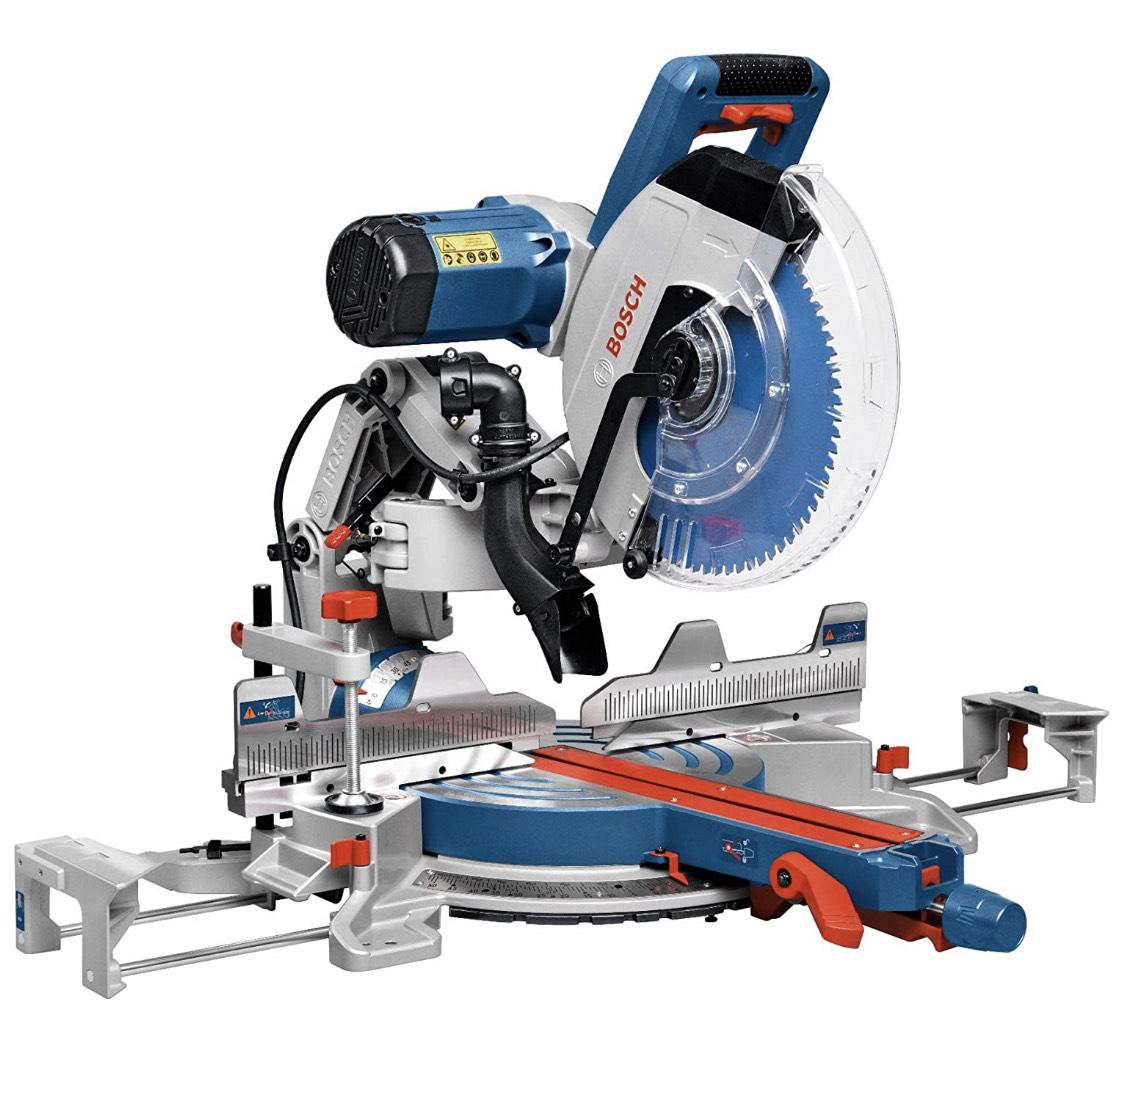 Bosch Professional Kapp- und Gehrungssäge GCM 12 GDL für nur 680,79€ inkl. Versand